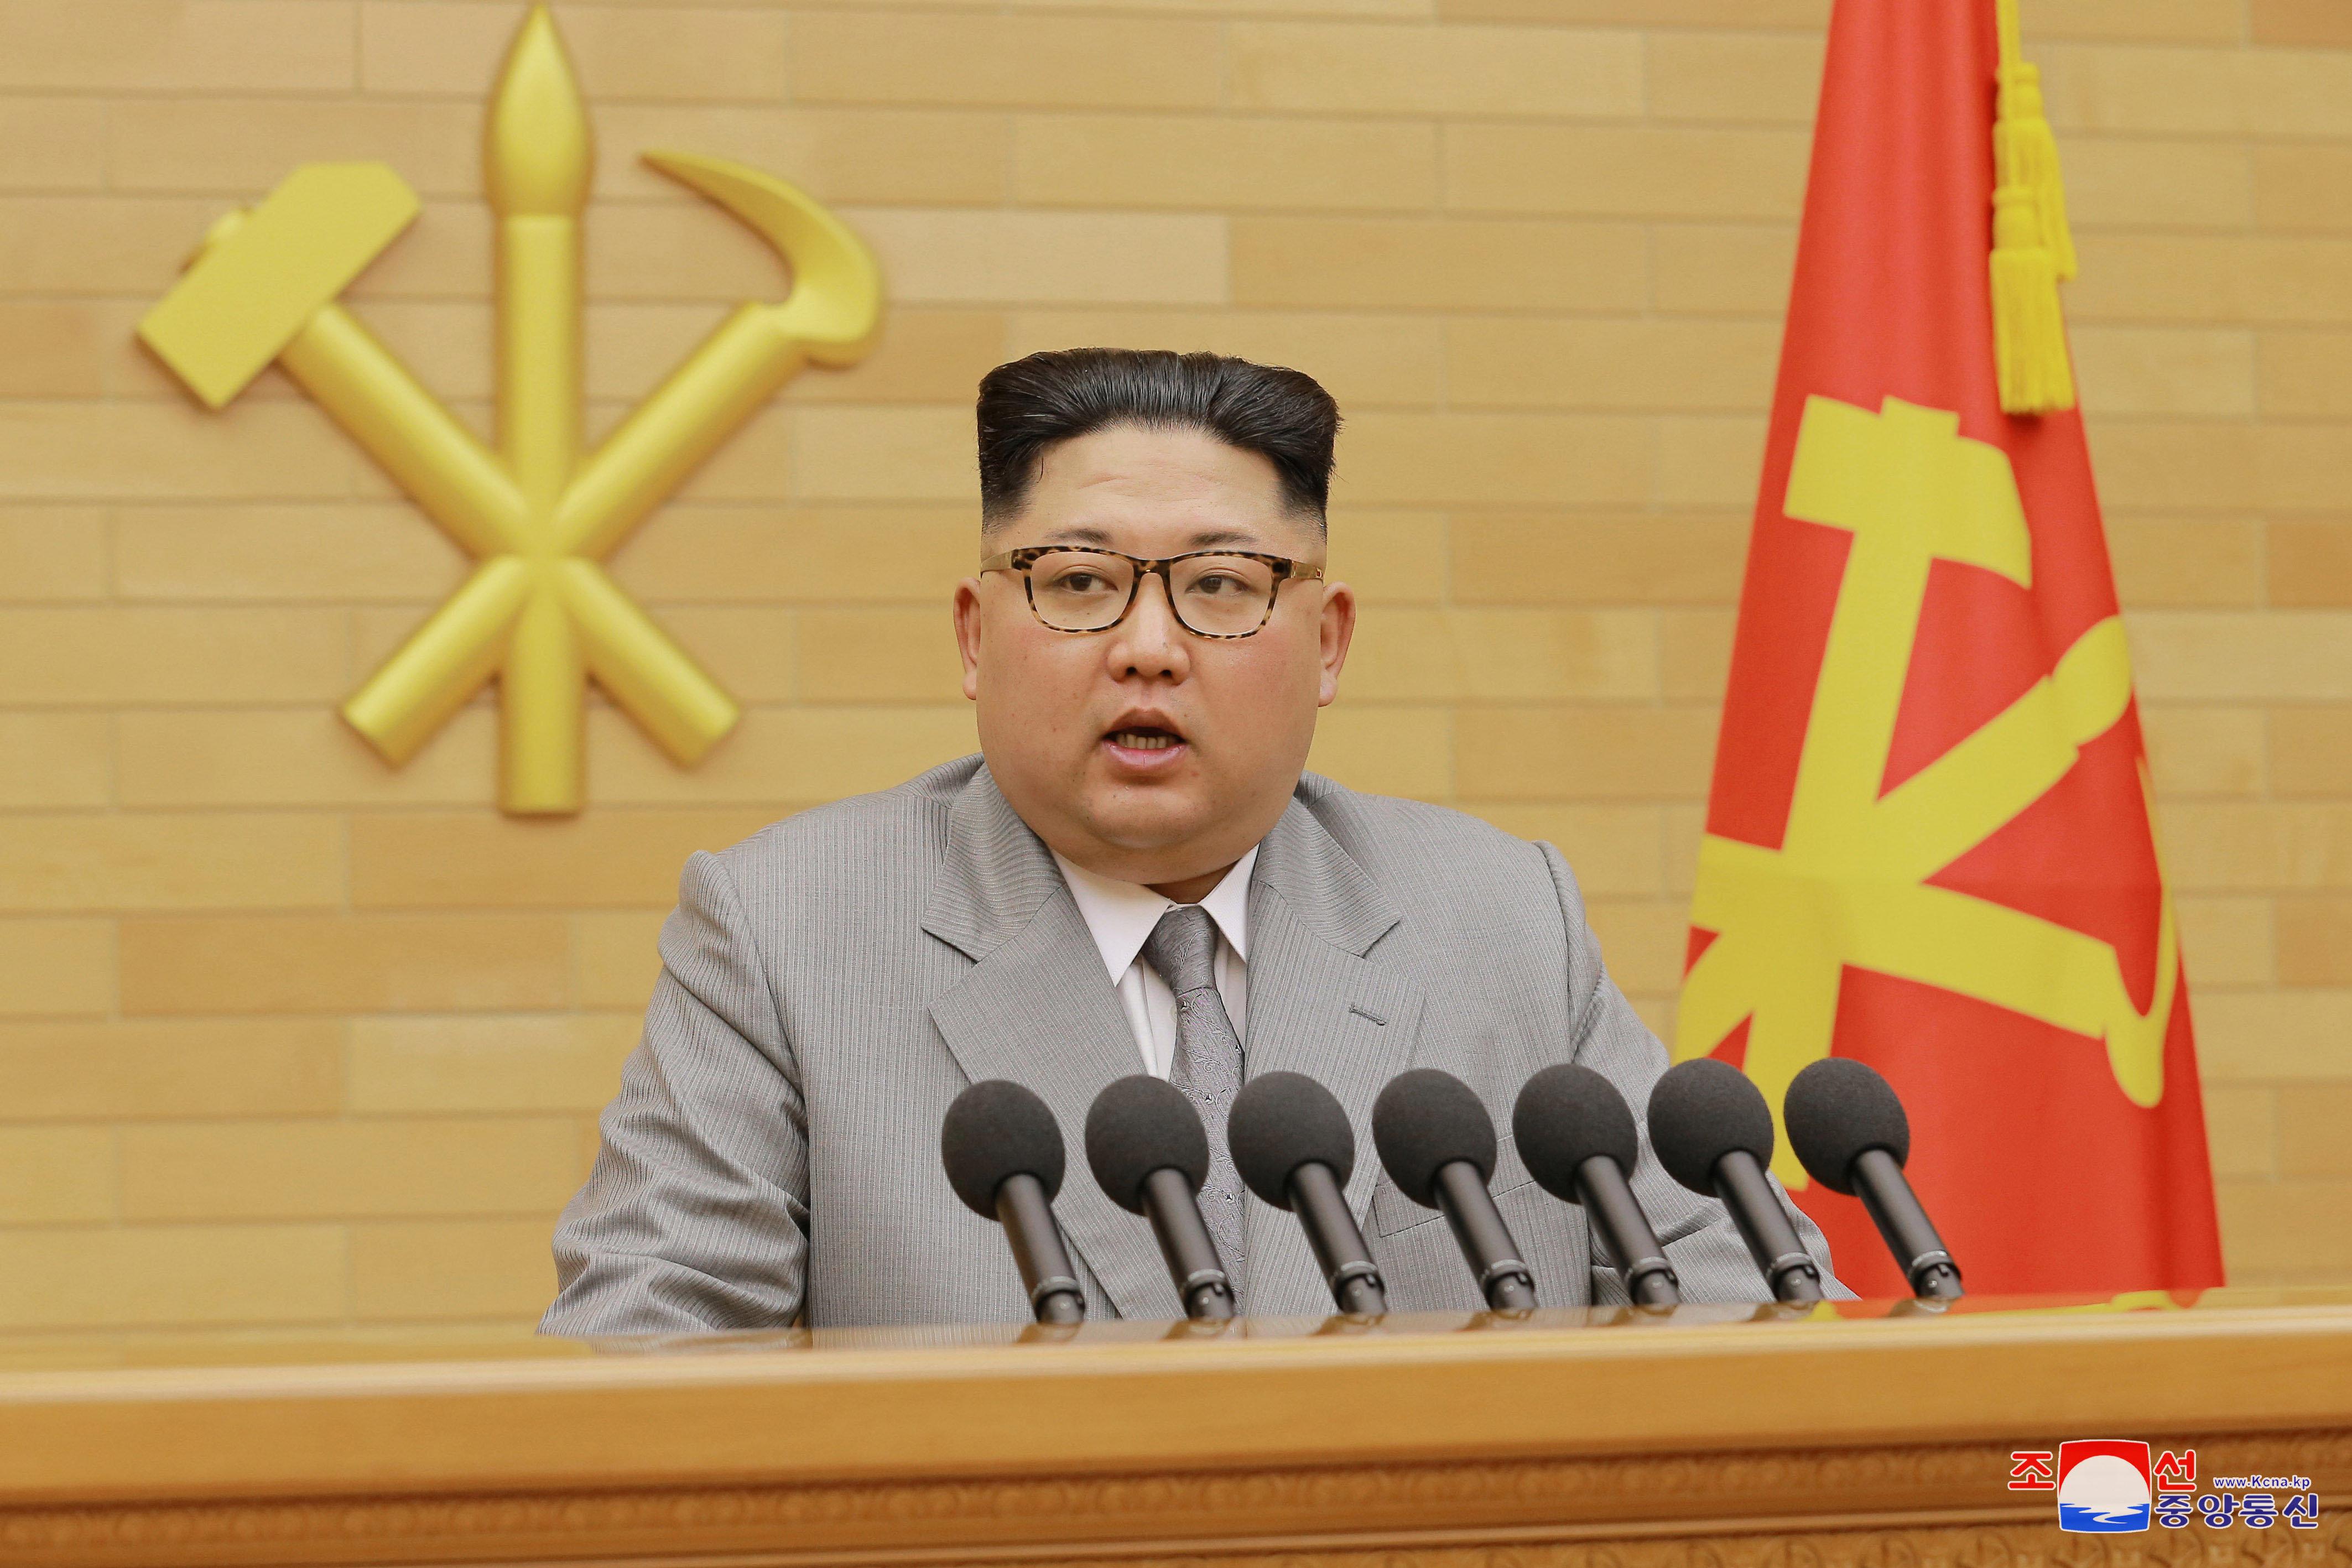 «Ναι» σε διάλογο με τη Νότια Κορέα λέει ο Κιμ Γιονγκ ουν. Ραντεβού στις 9